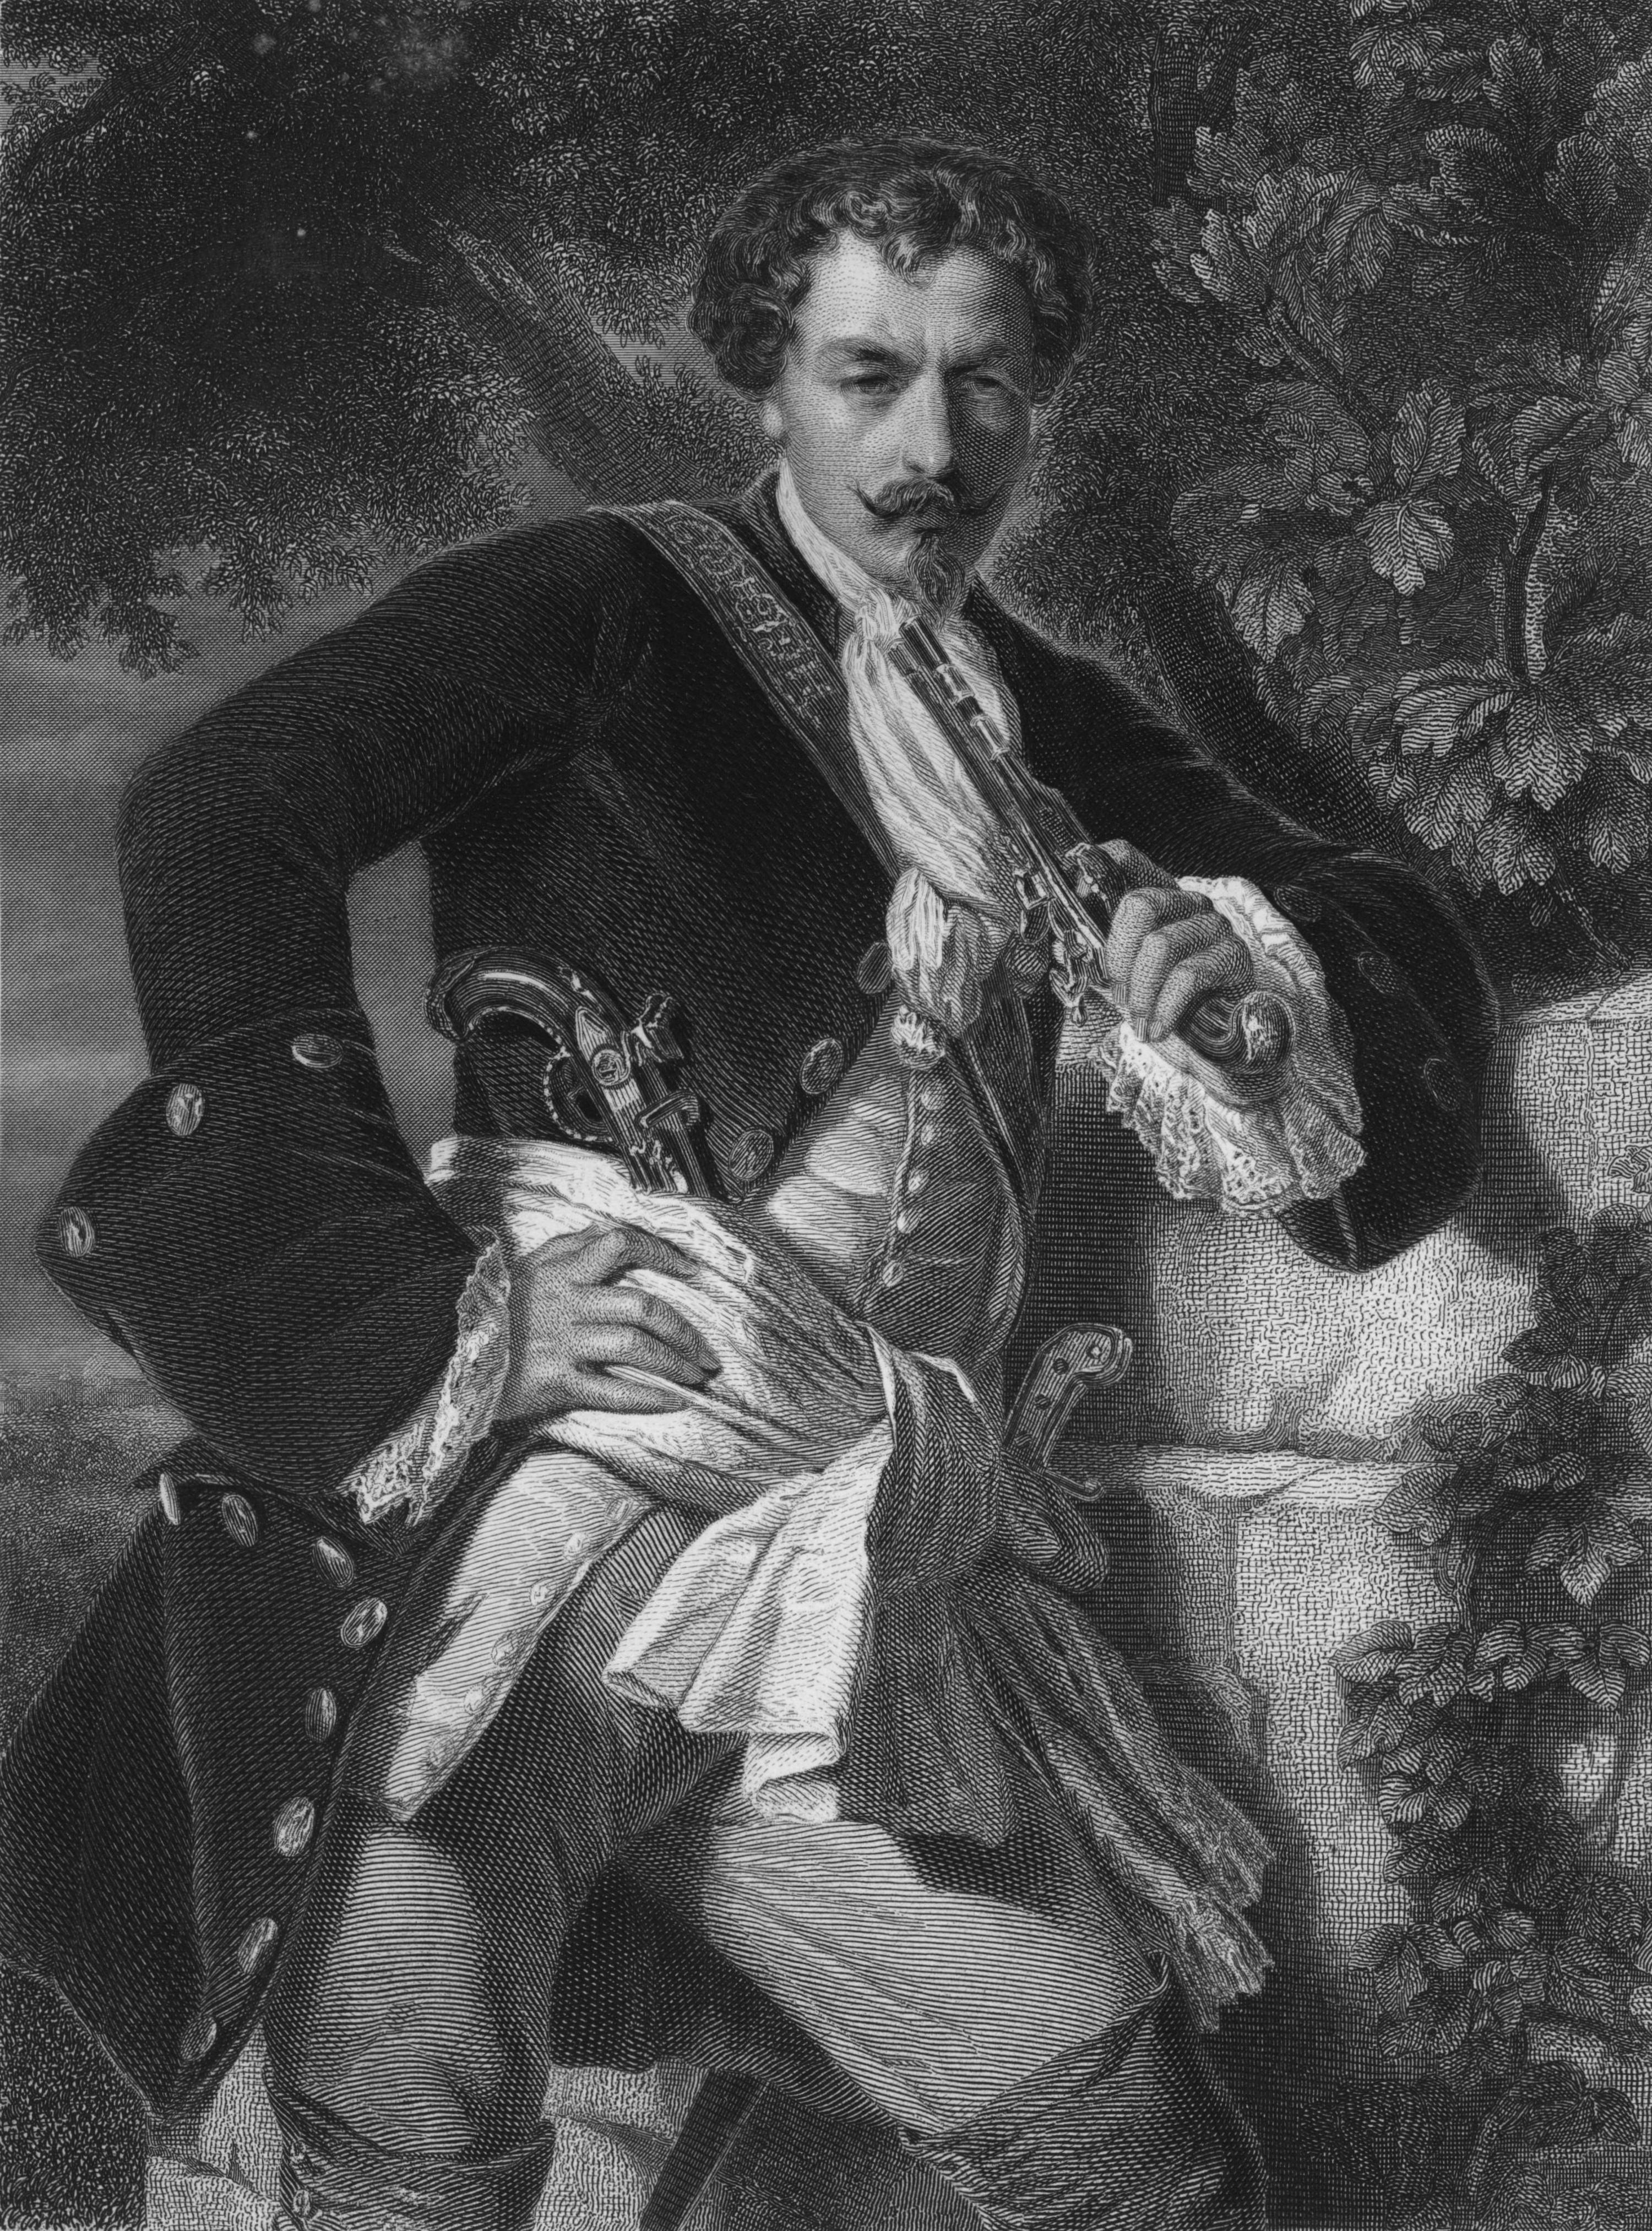 Auf dem Bild zu sehen ist Karl von Moor aus Friedrich Schiller- Die Räuber.